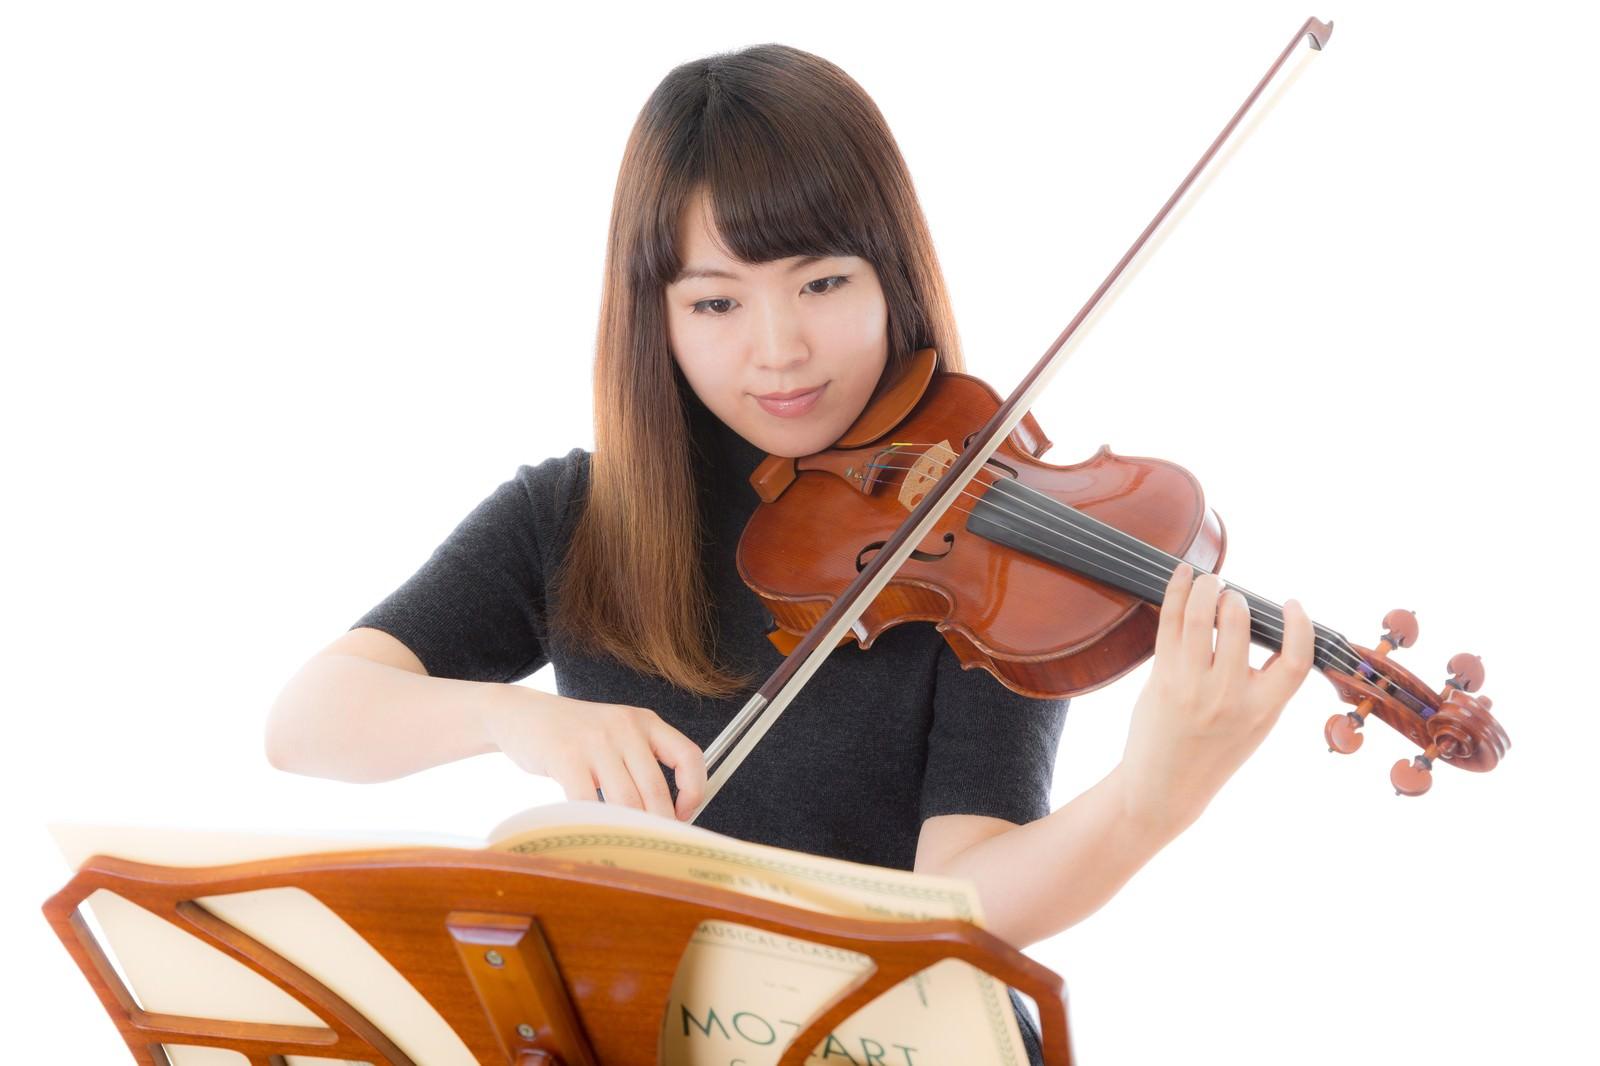 「毎日かかさないヴァイオリンの練習毎日かかさないヴァイオリンの練習」[モデル:yukiko]のフリー写真素材を拡大